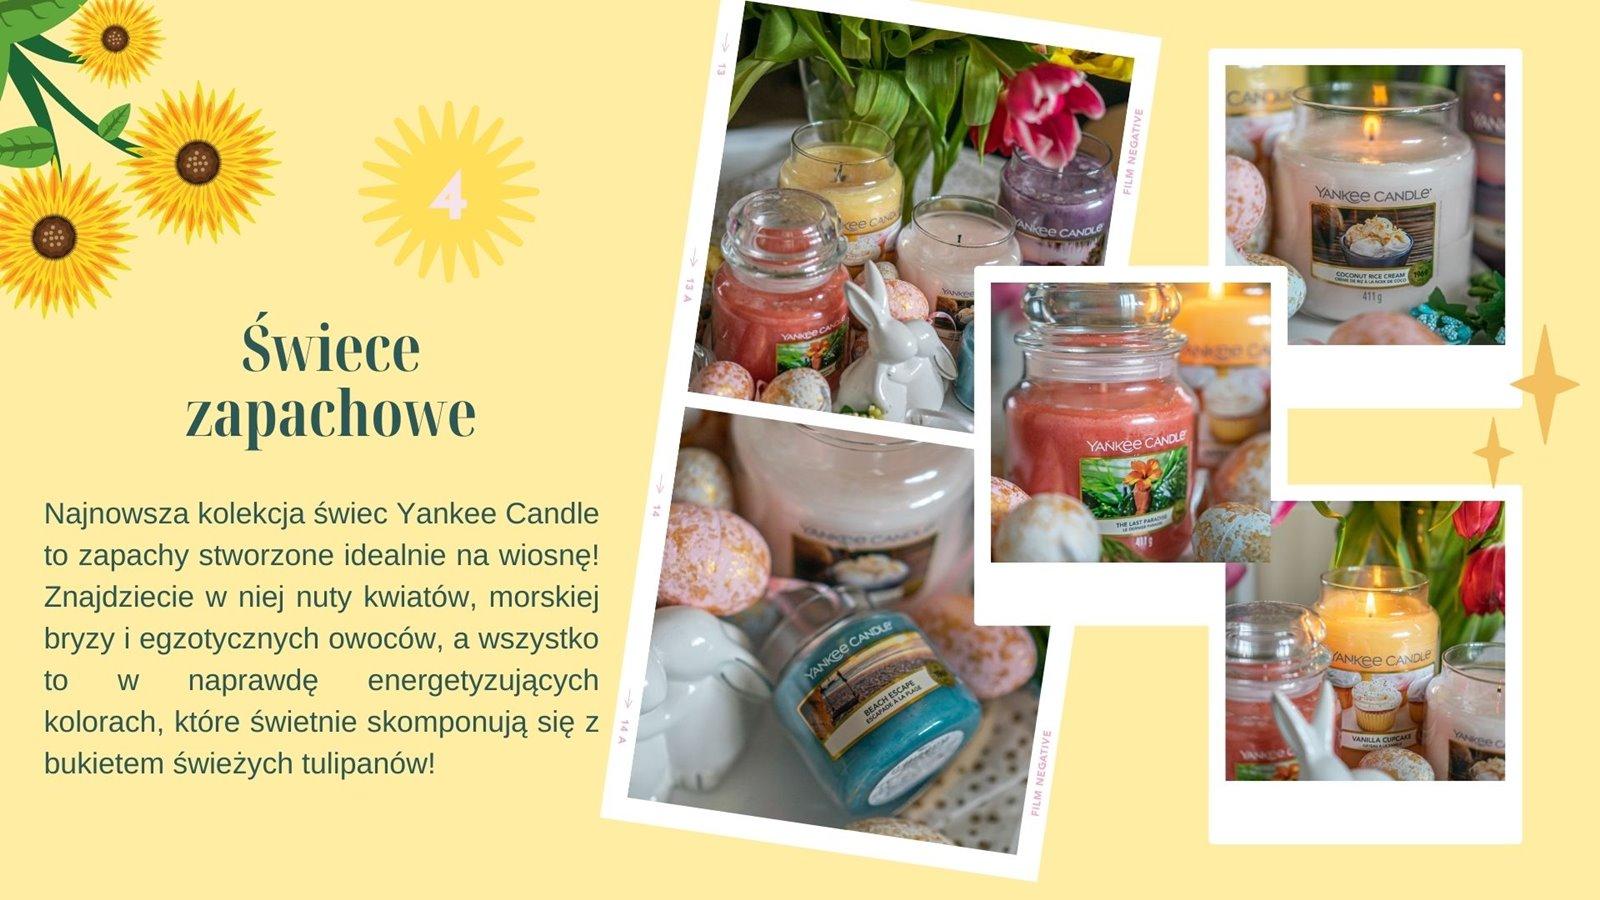 5 swiece yankee candle kwiatowe zapachy opinia gdzie kupic jakosc ile się palą wystrój wnętrza dodatki do mieszkania